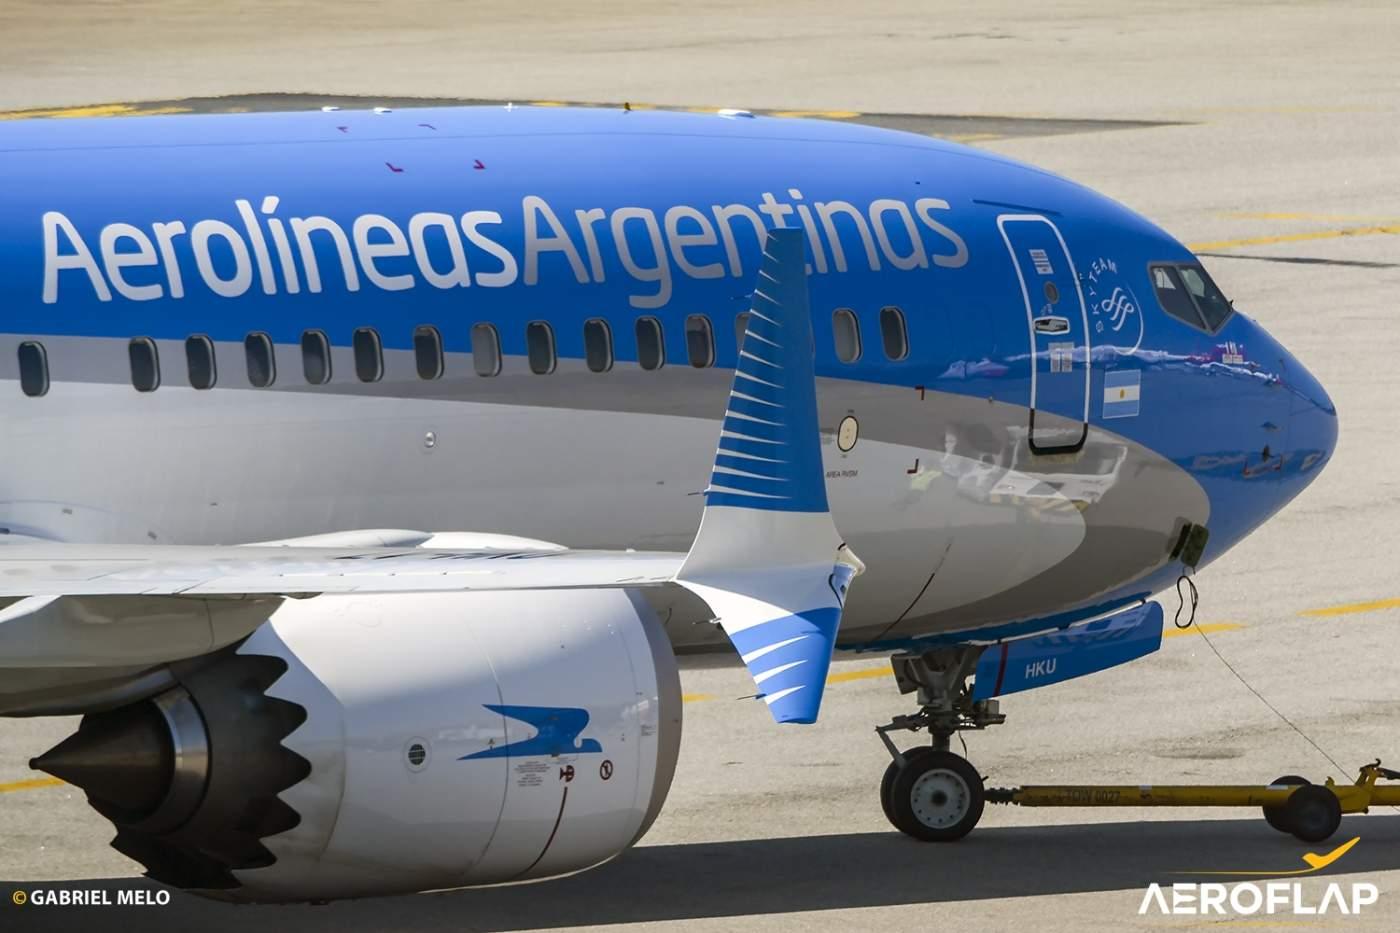 Boeing 737 MAX Aerolineas Argentinas Argentina